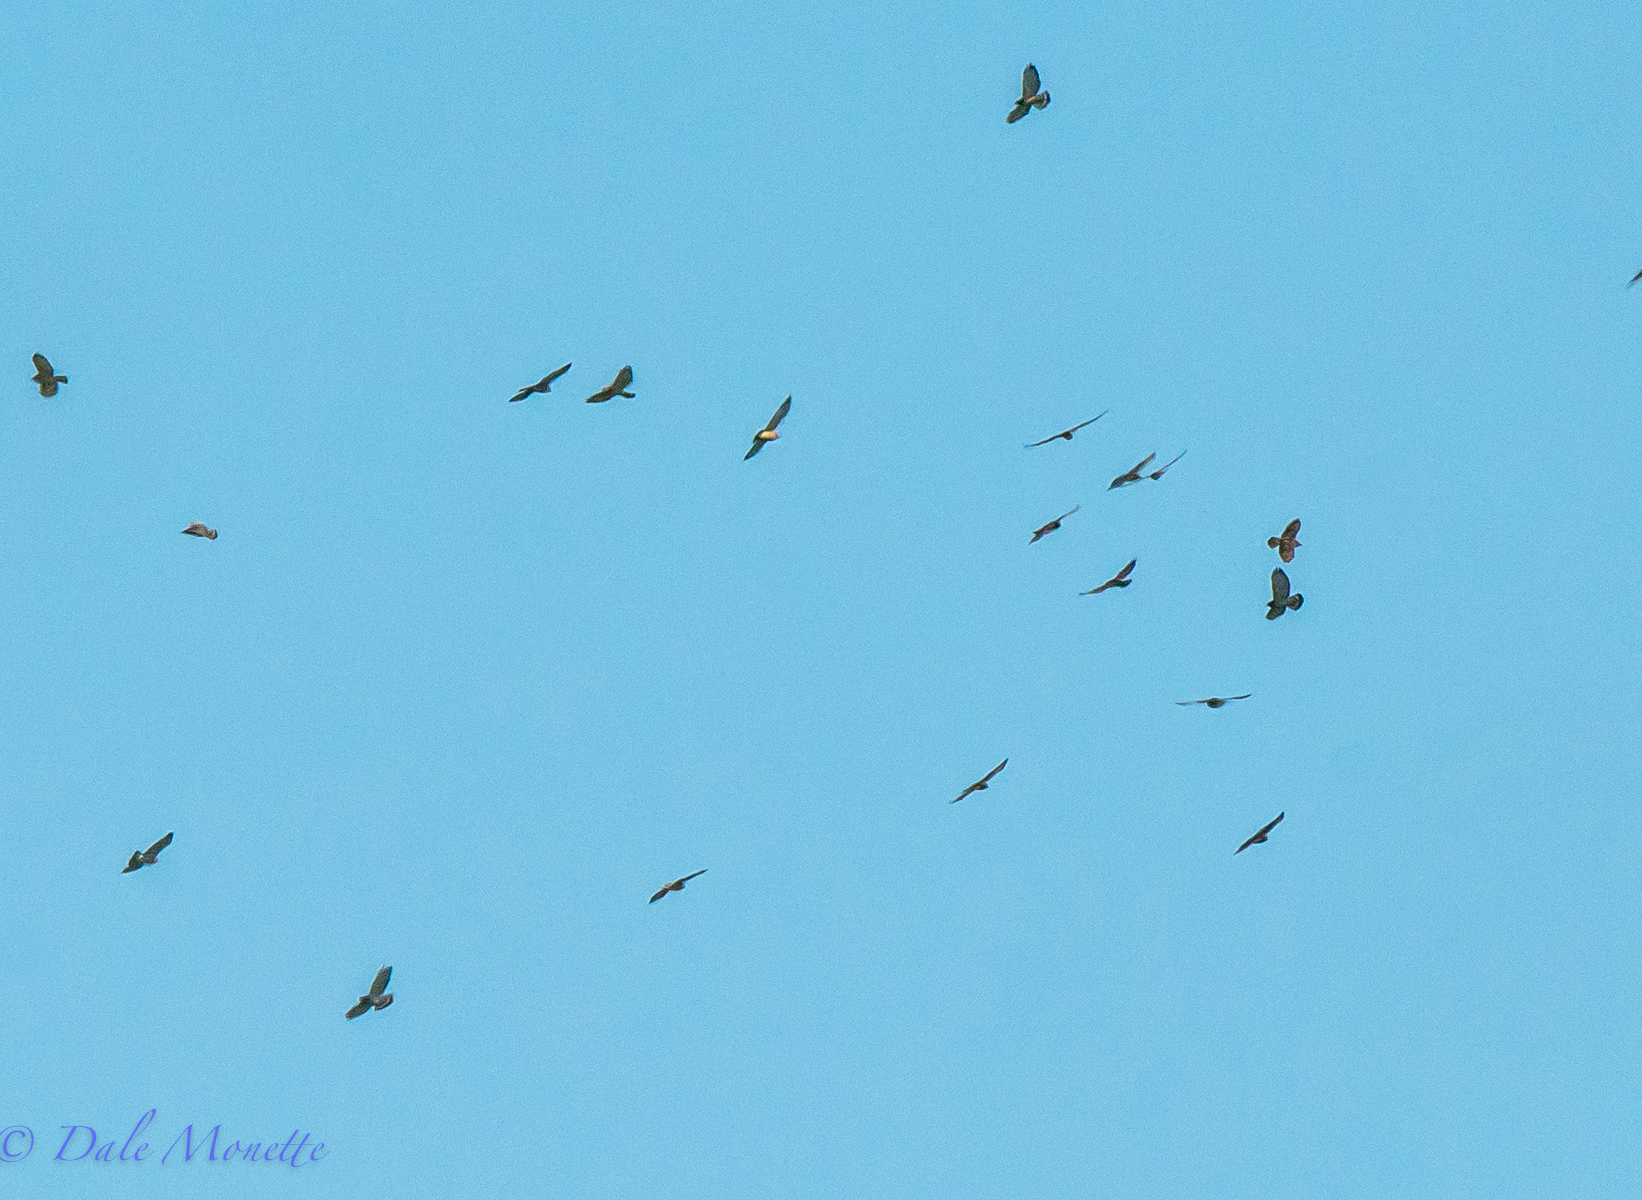 Fall hawk migration